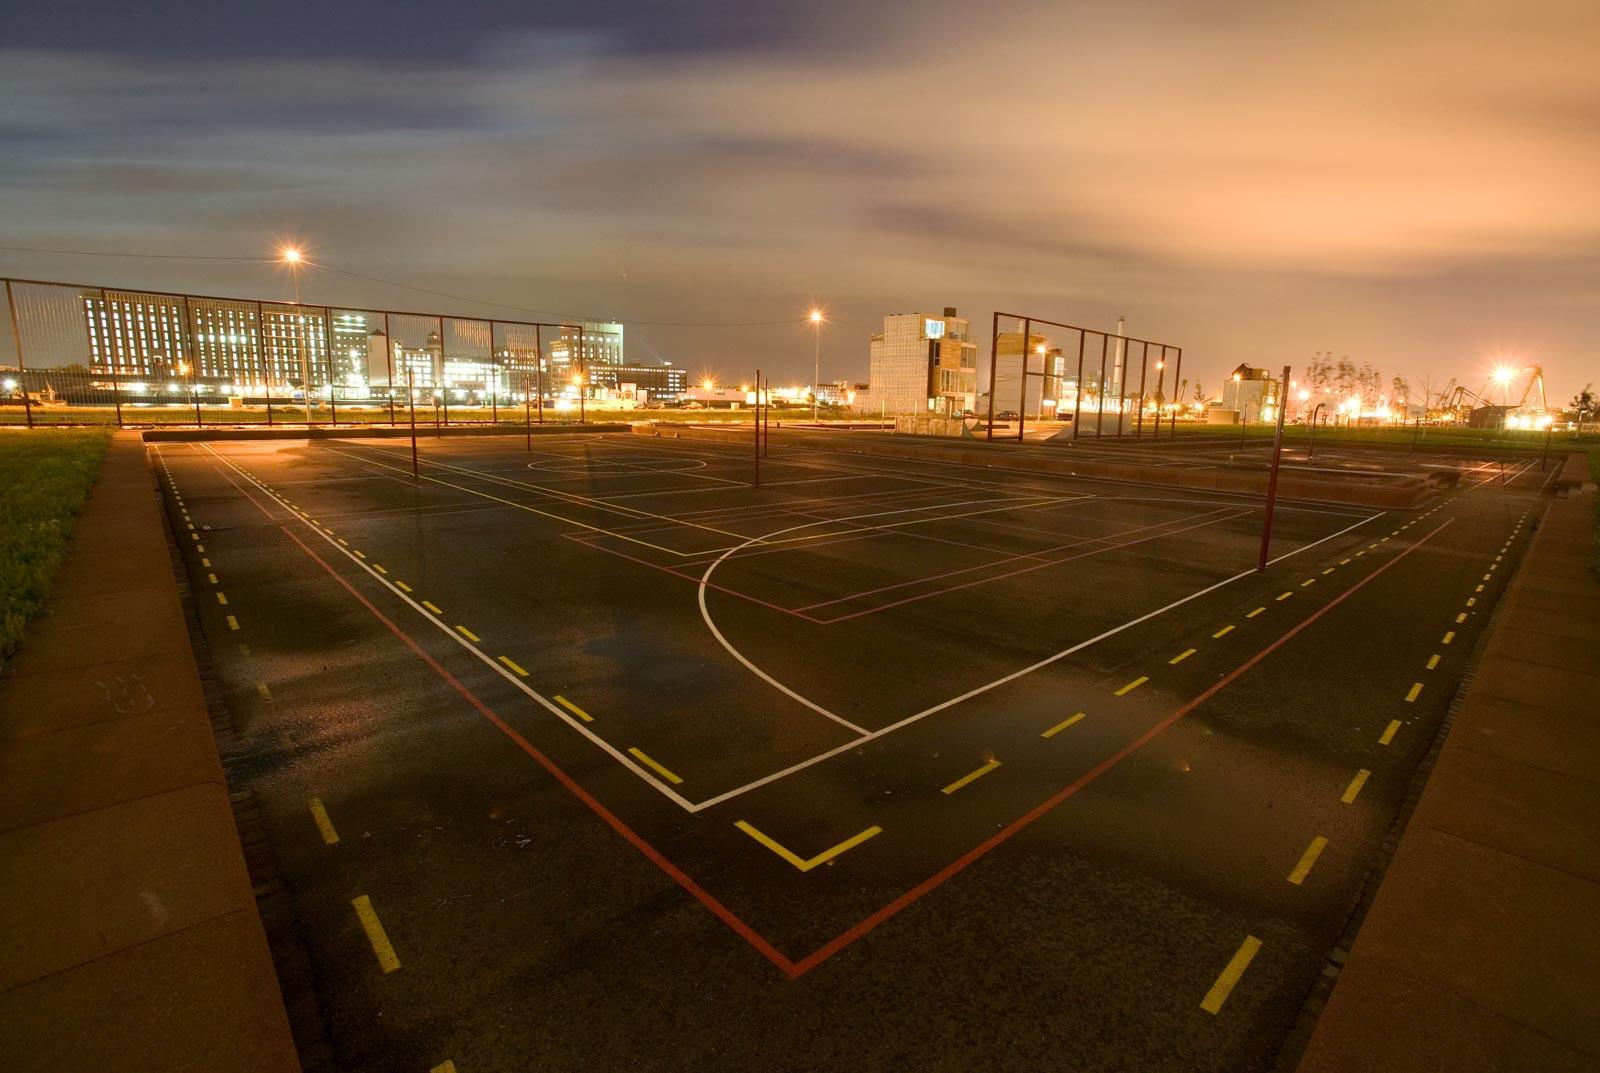 Nachtfoto op een geasfalteerd sportveld